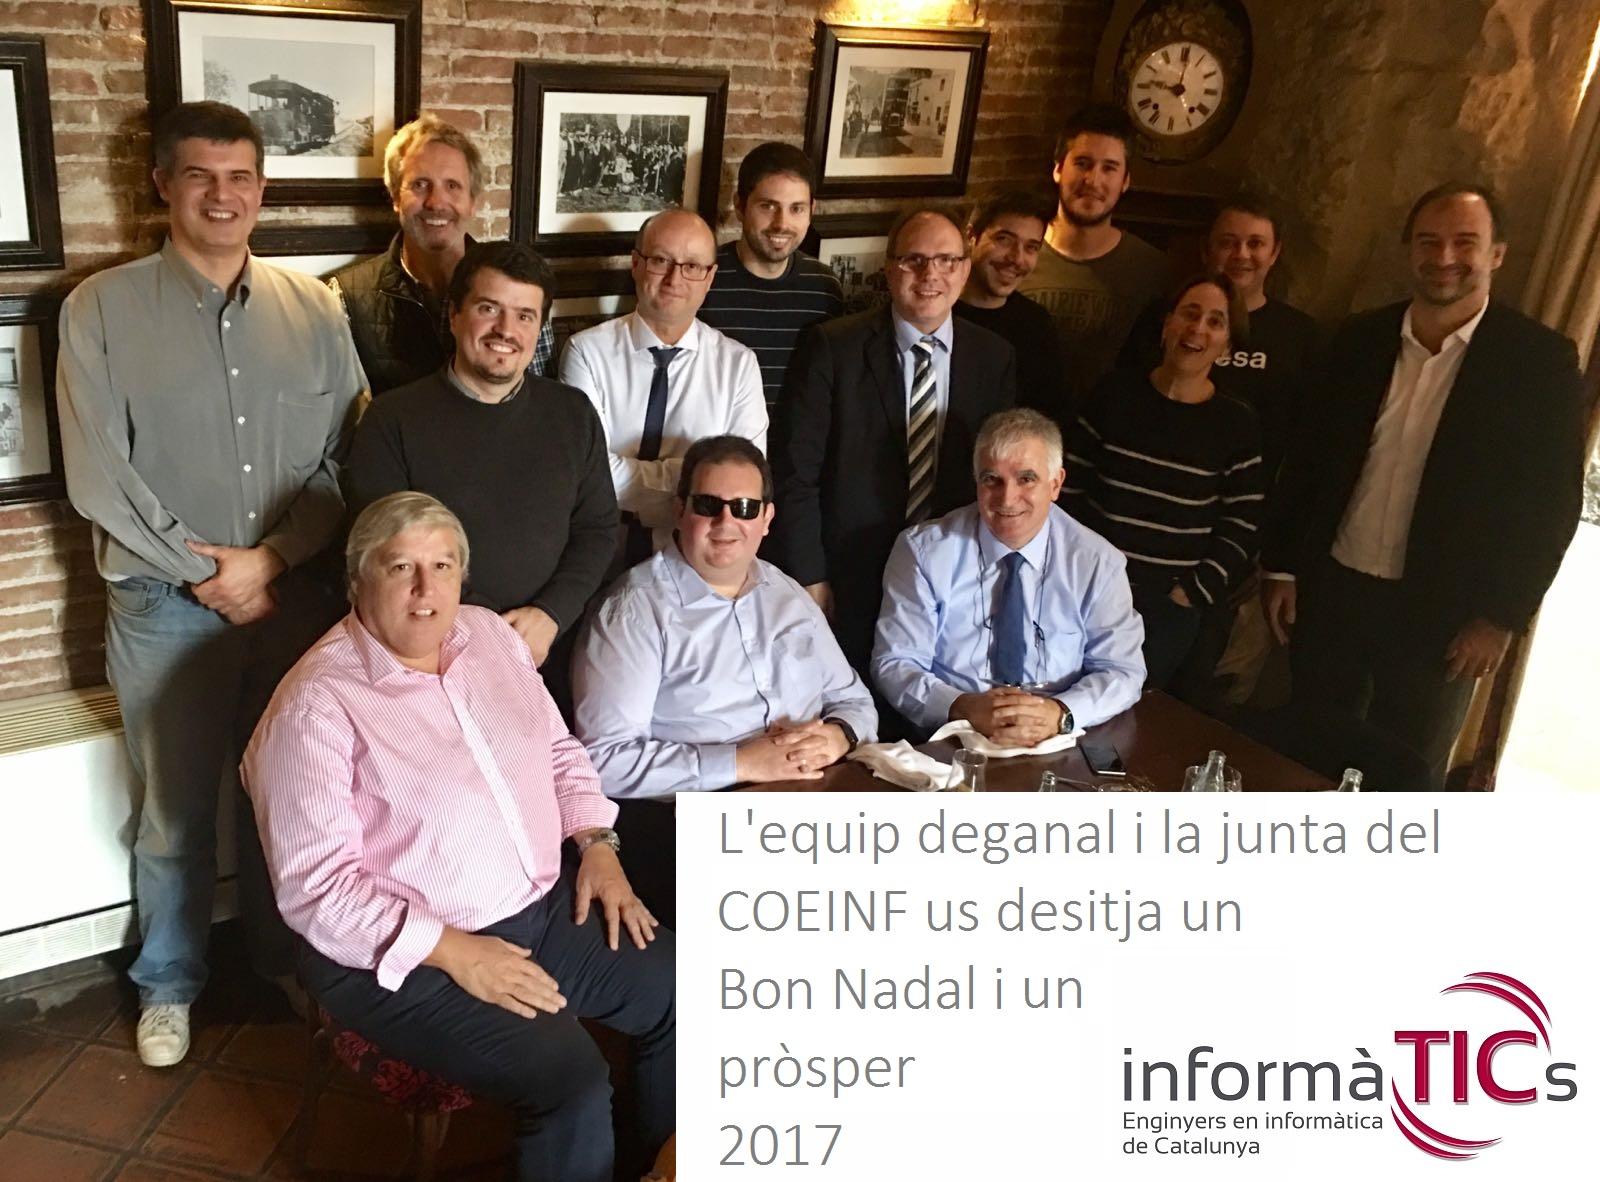 coeinf-bon-nadal-2016